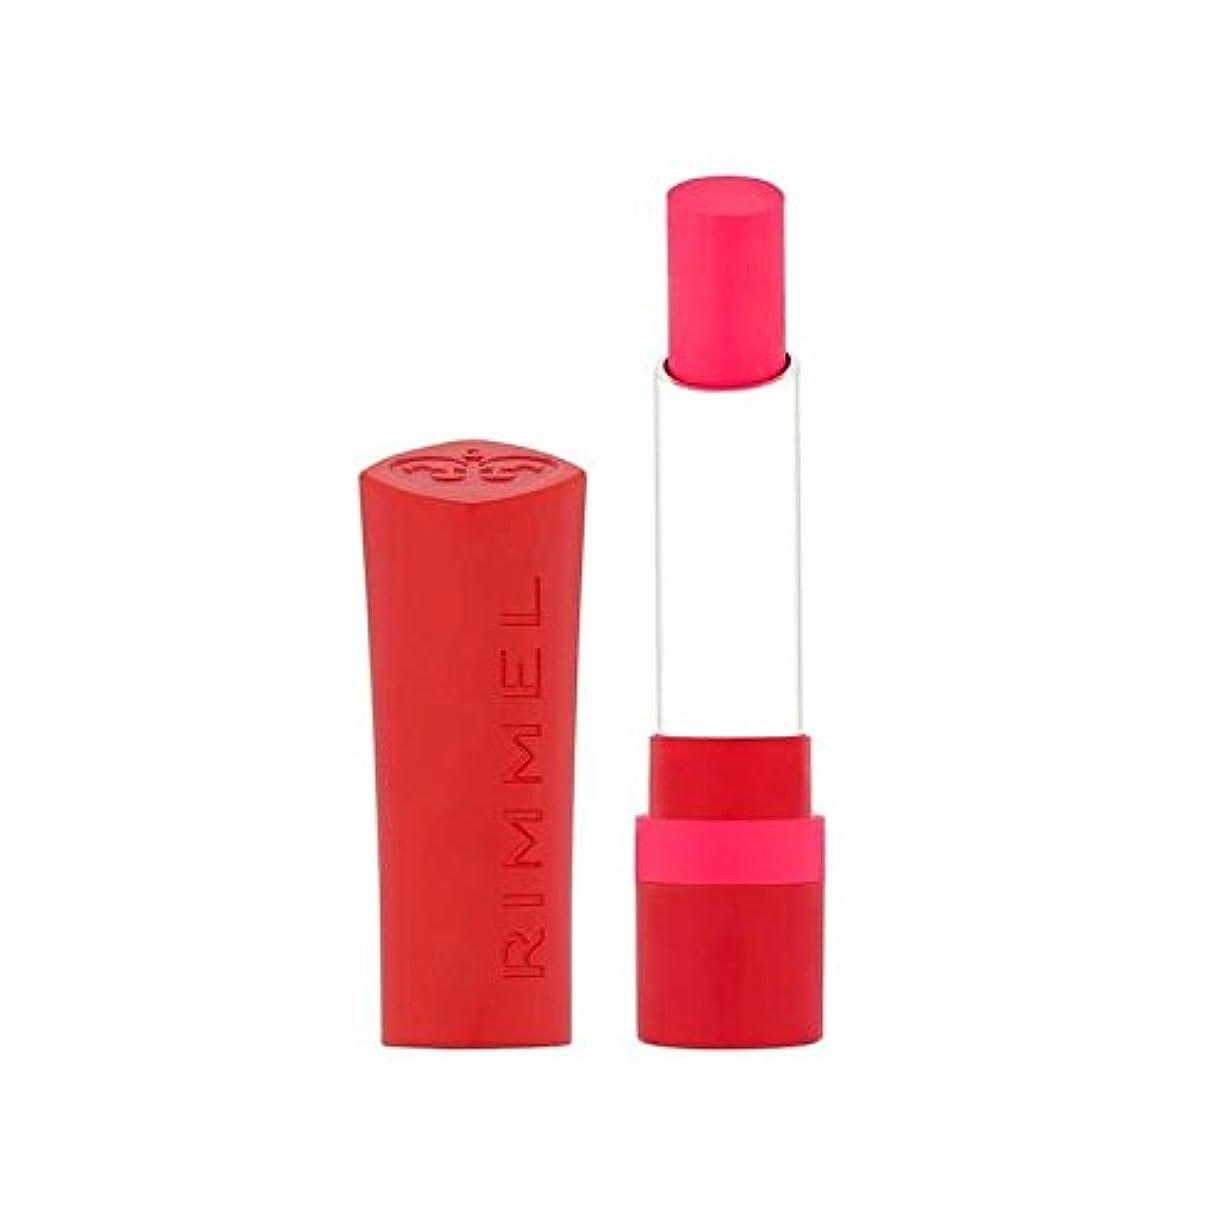 鎮静剤眠る不格好リンメルのみ1枚のマット口紅は、ショットを呼び出します x2 - Rimmel The Only 1 Matte Lipstick Call the Shots (Pack of 2) [並行輸入品]